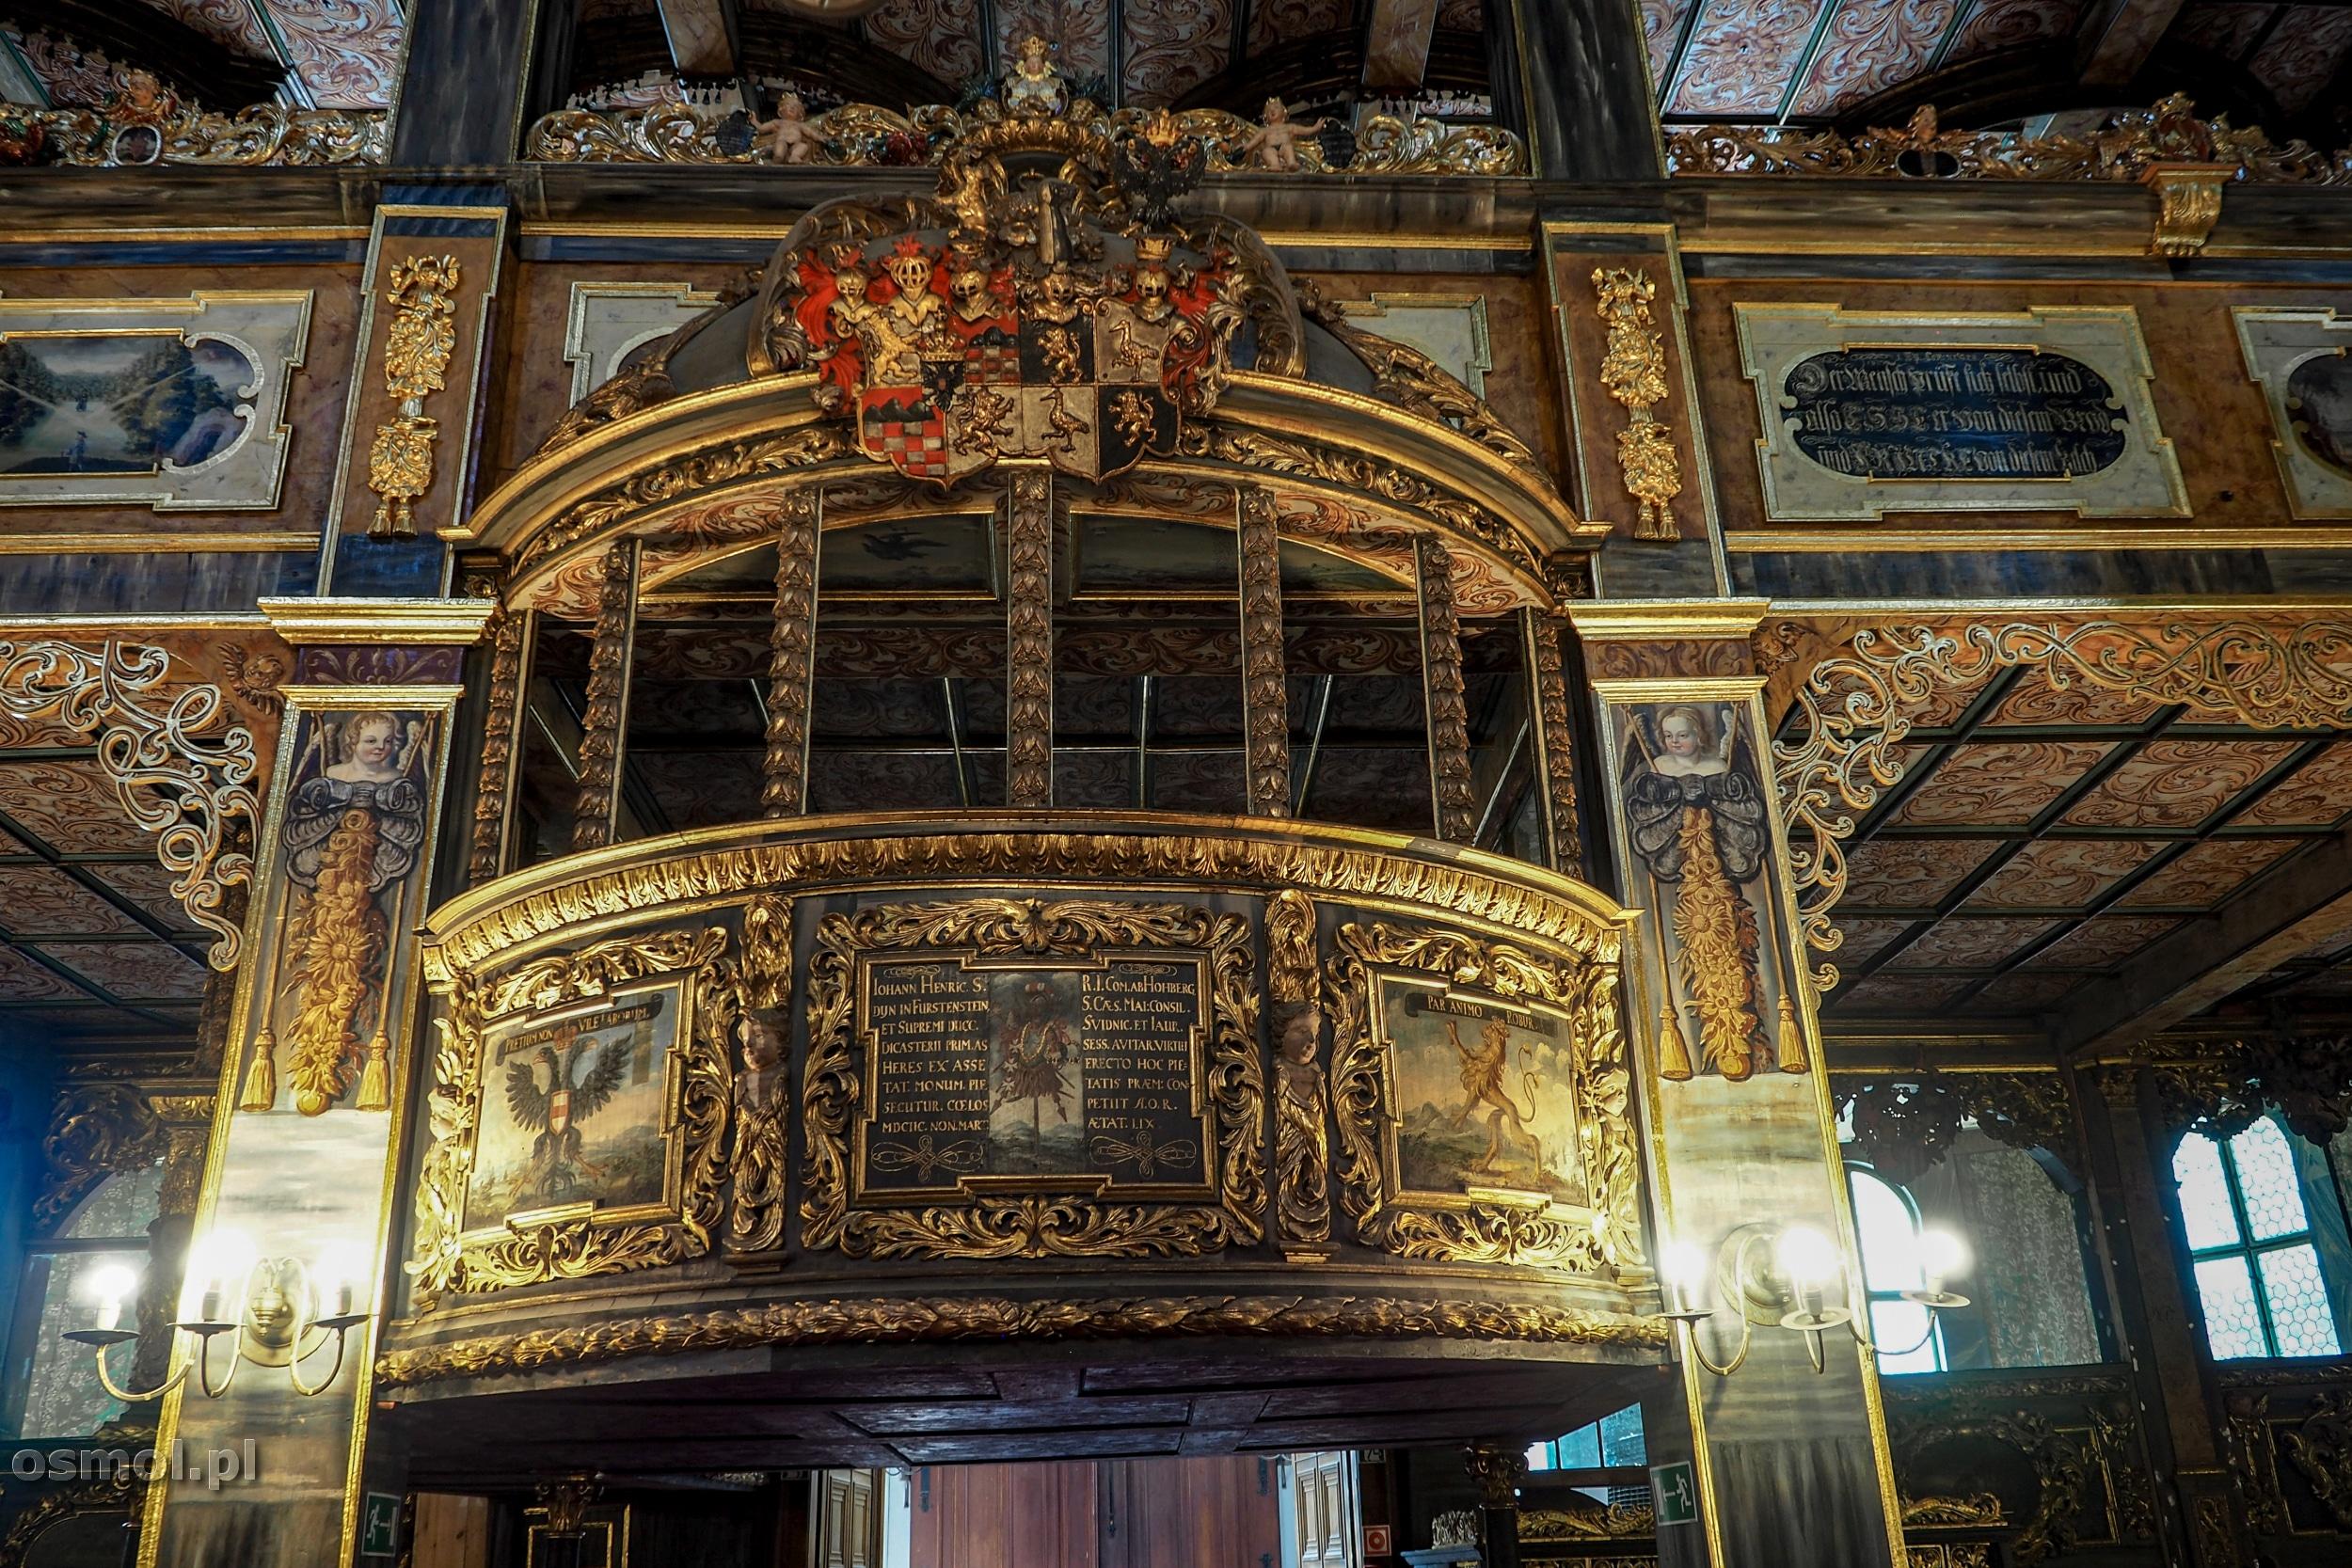 Loża w kościele pokoju w Świdnicy